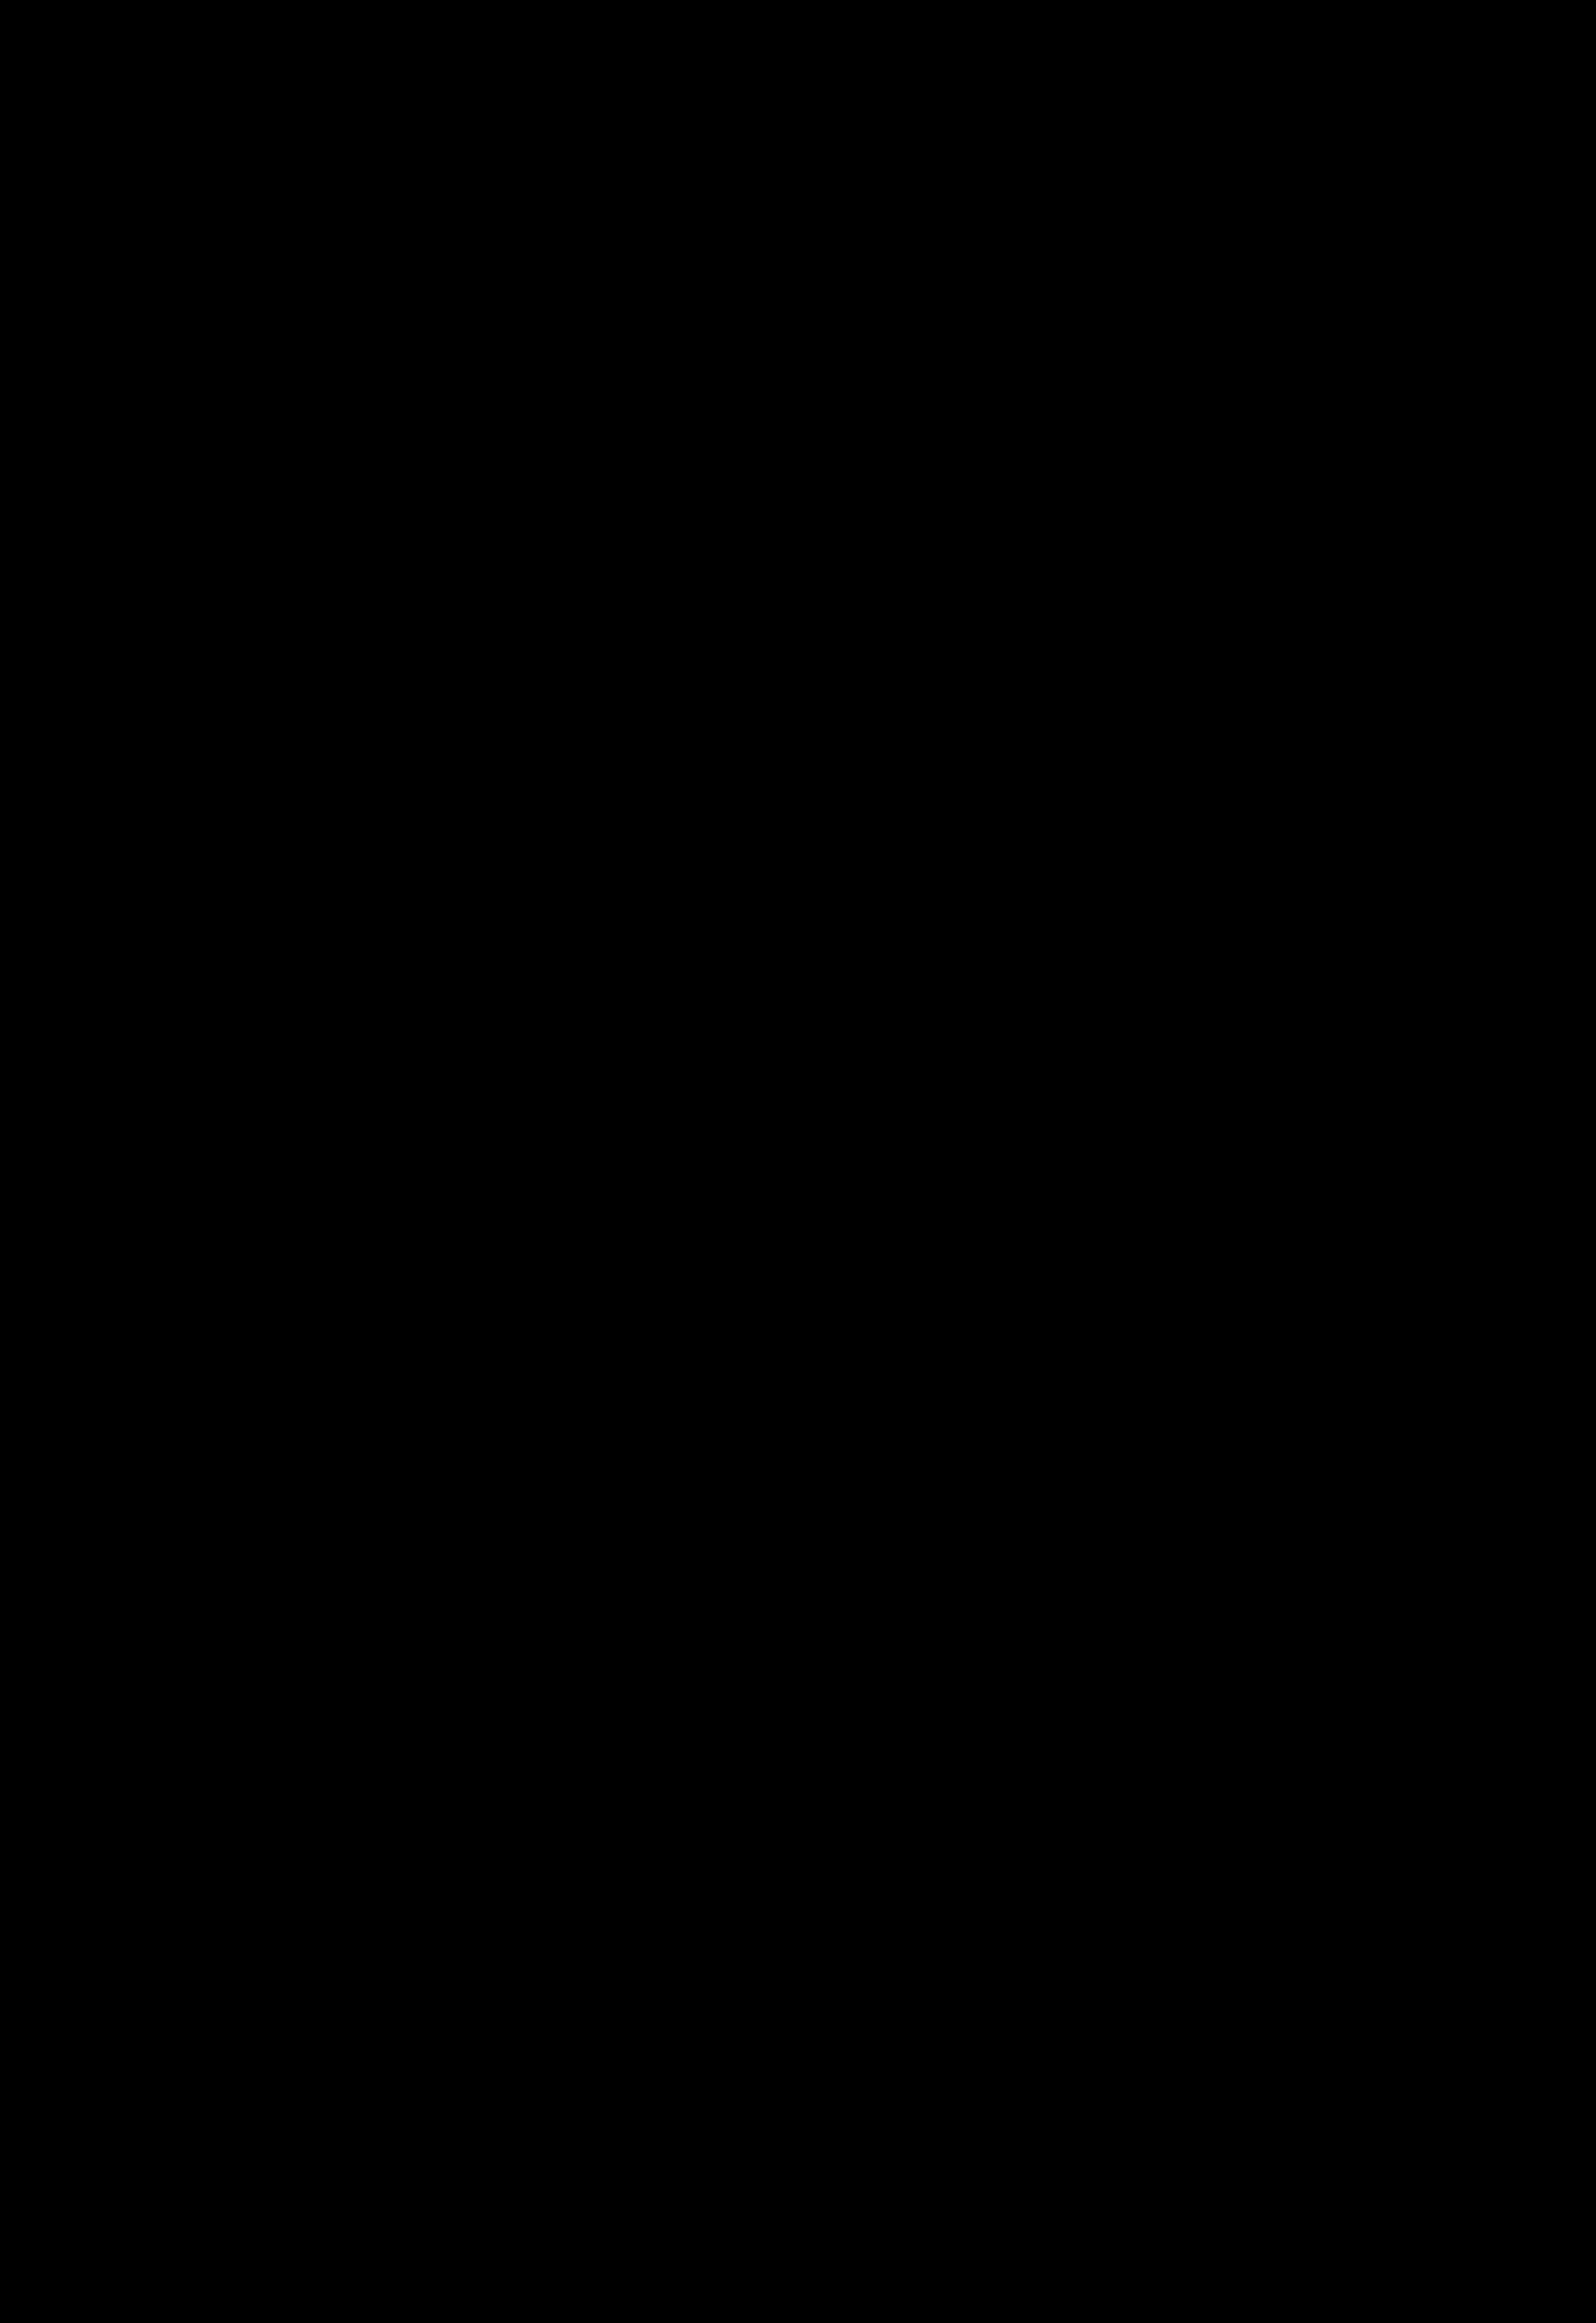 Tolle Transformator Schematische Symbole Fotos - Elektrische ...